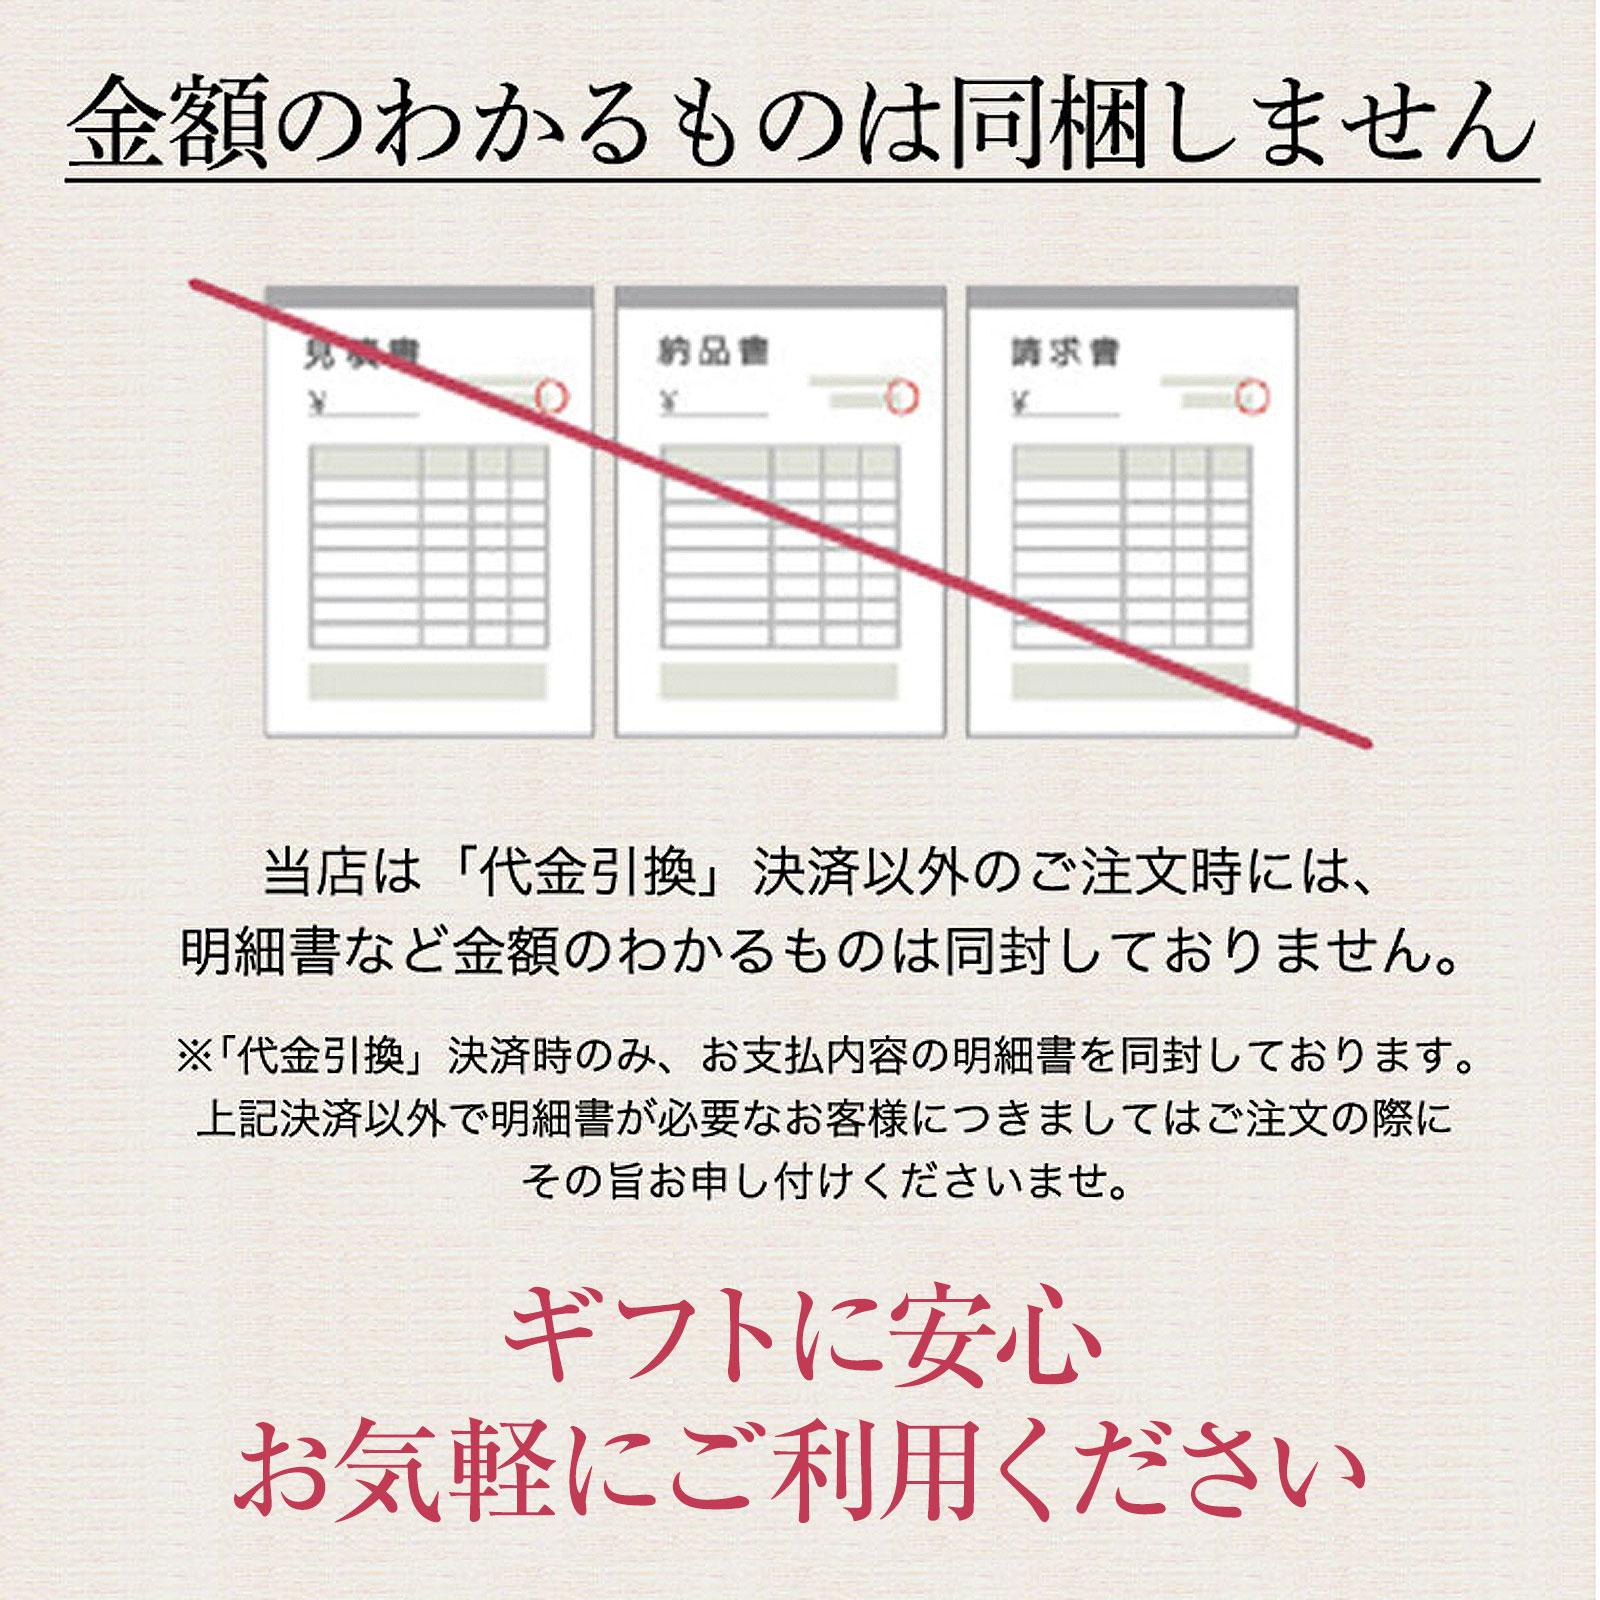 【冷凍】カレー・ハンバーグ・コロッケ・ミンチカツ の ギフト セット(KF-キ)